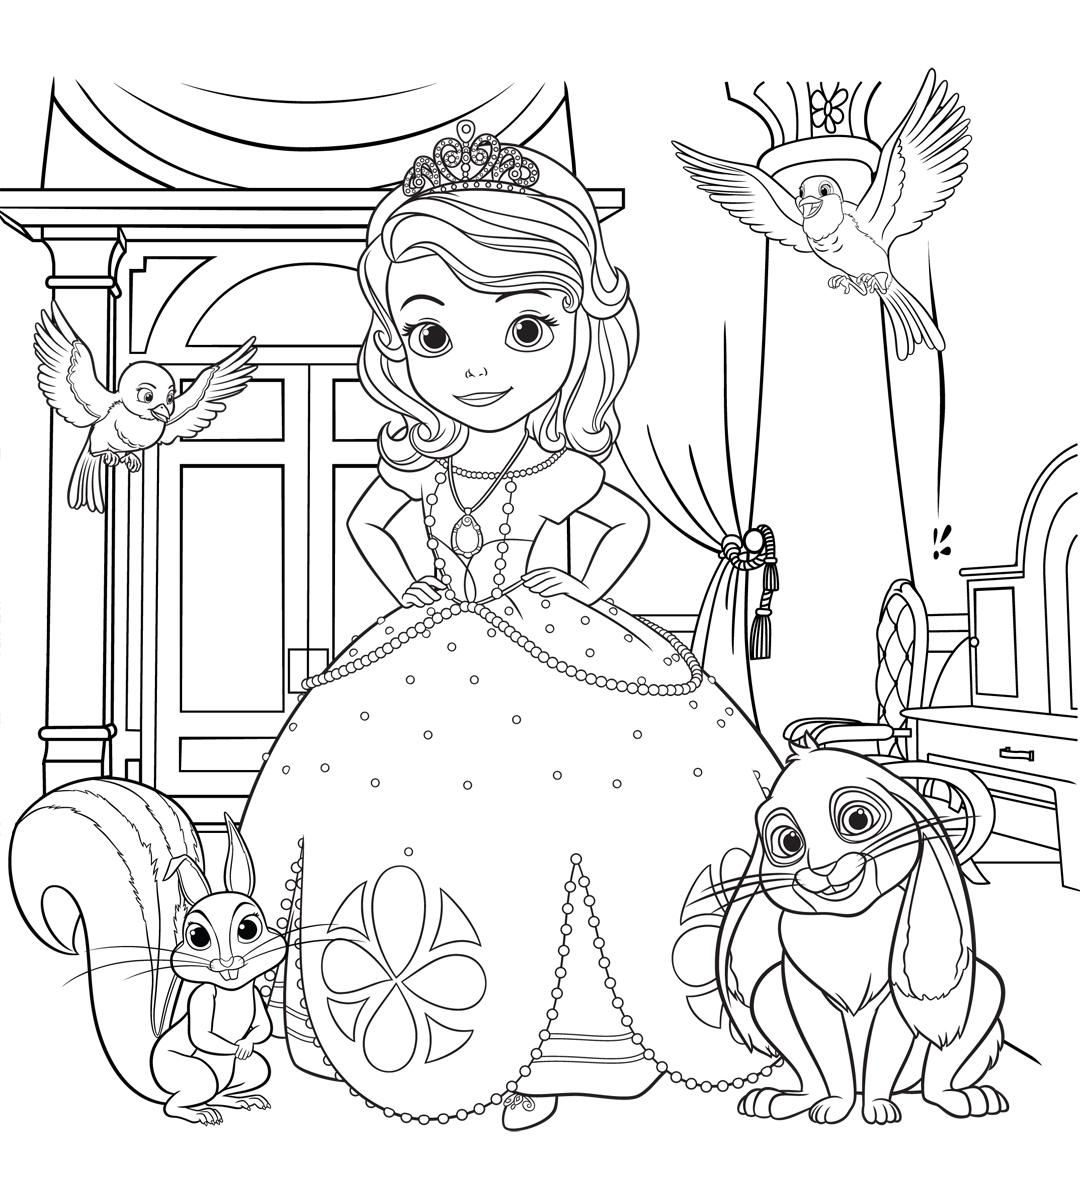 Картинка принцессы для детей раскраска